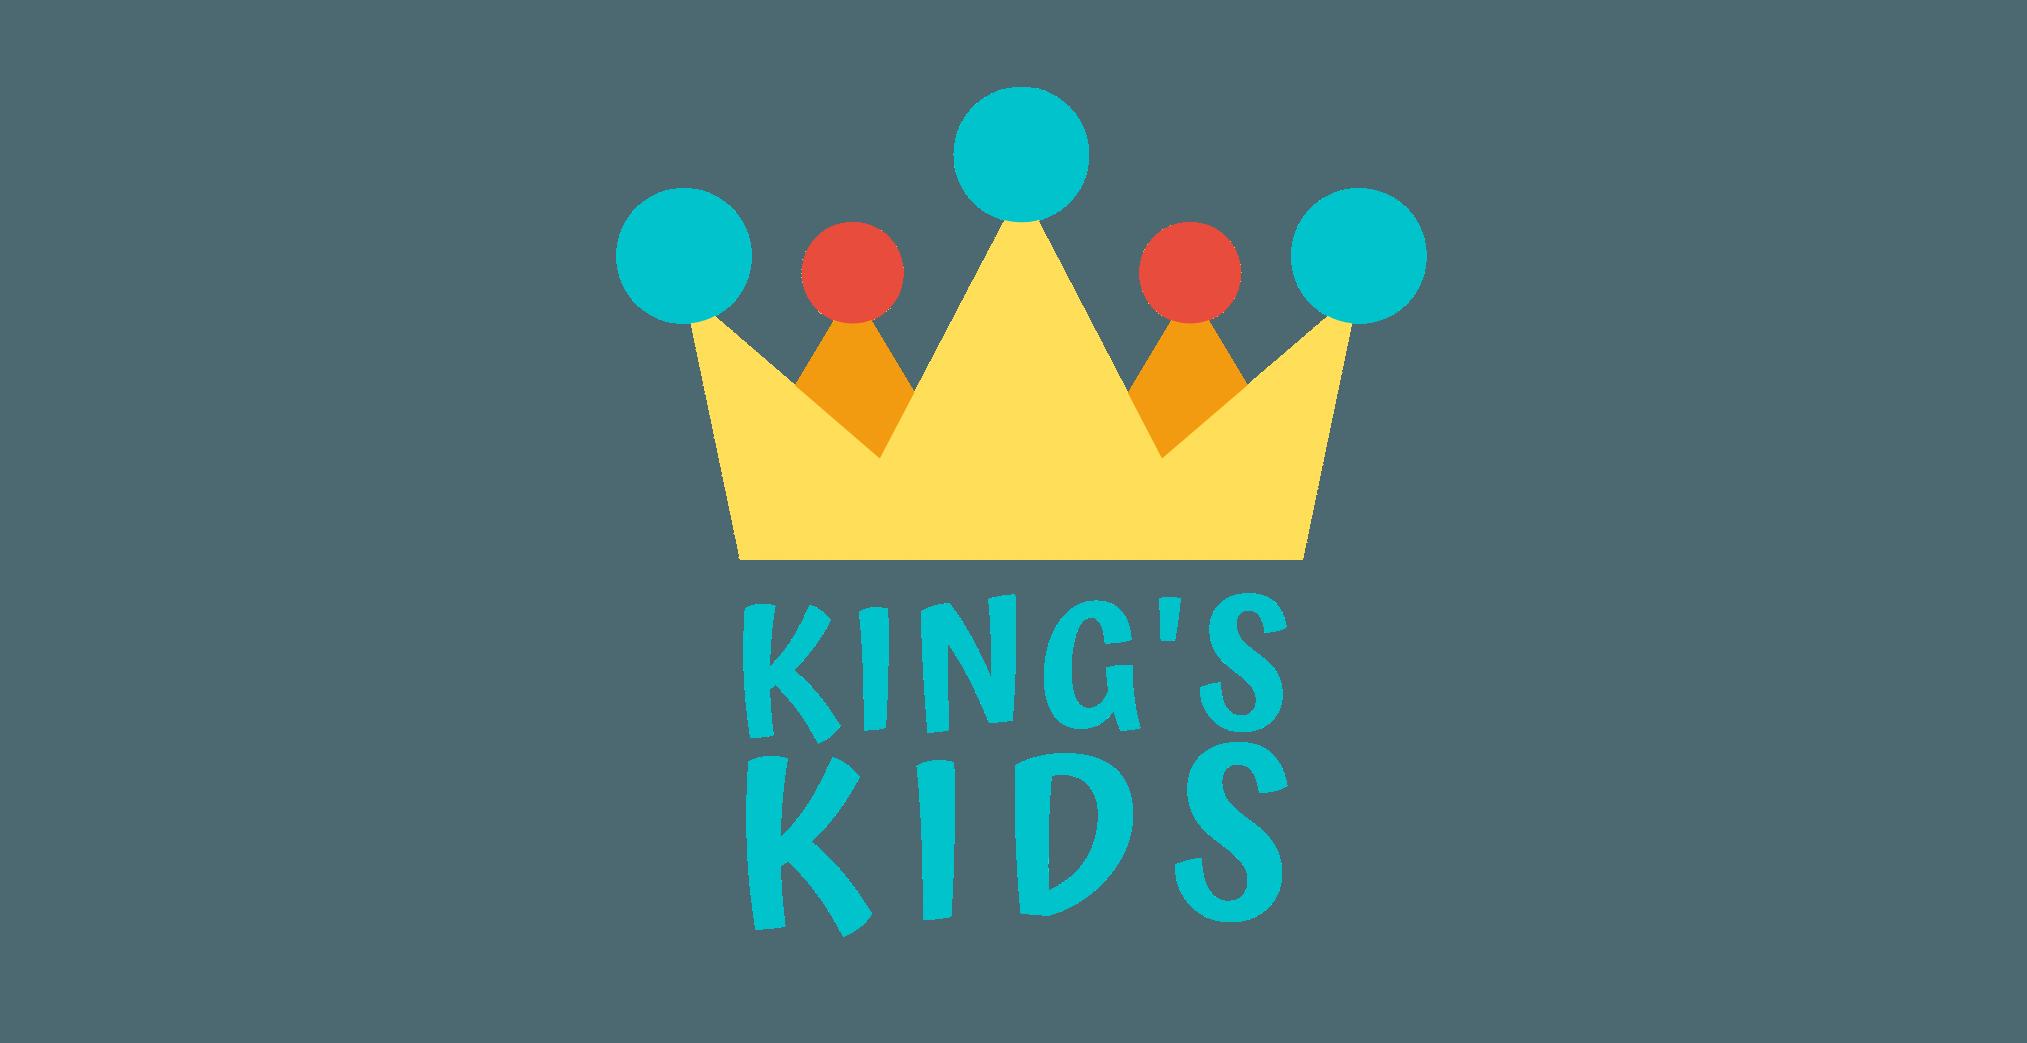 King's Kids